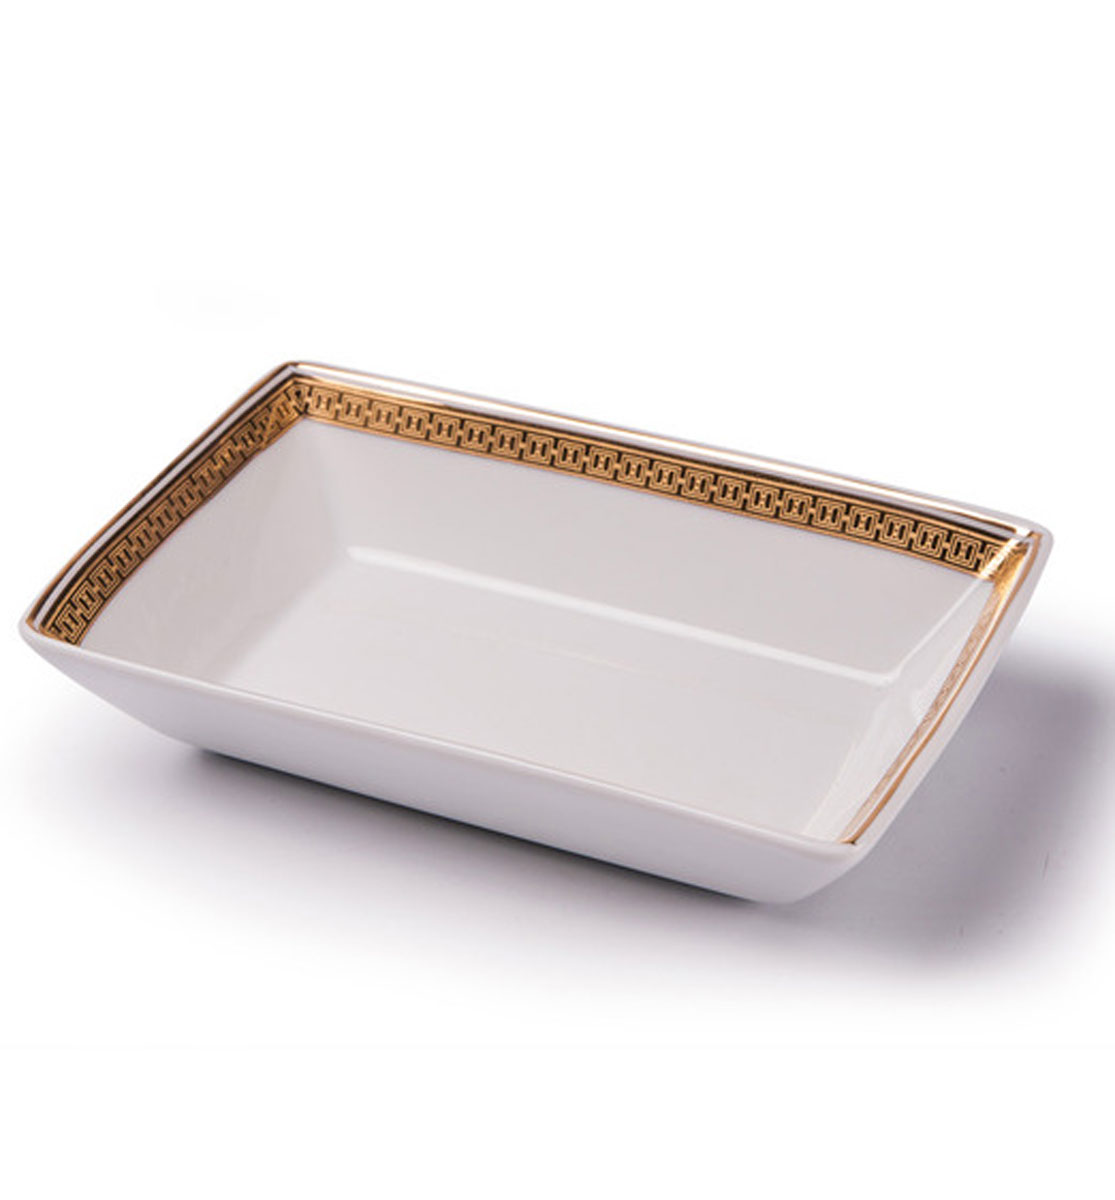 Kyoto 1555 Блюдо прямоугольное, Д13х 9 золото, цвет: белый с золотом710813 1555Блюдо прямоугольное 13 х 9 см Материал: фарфор: цвет: белый с золотомСерия: KYOTO